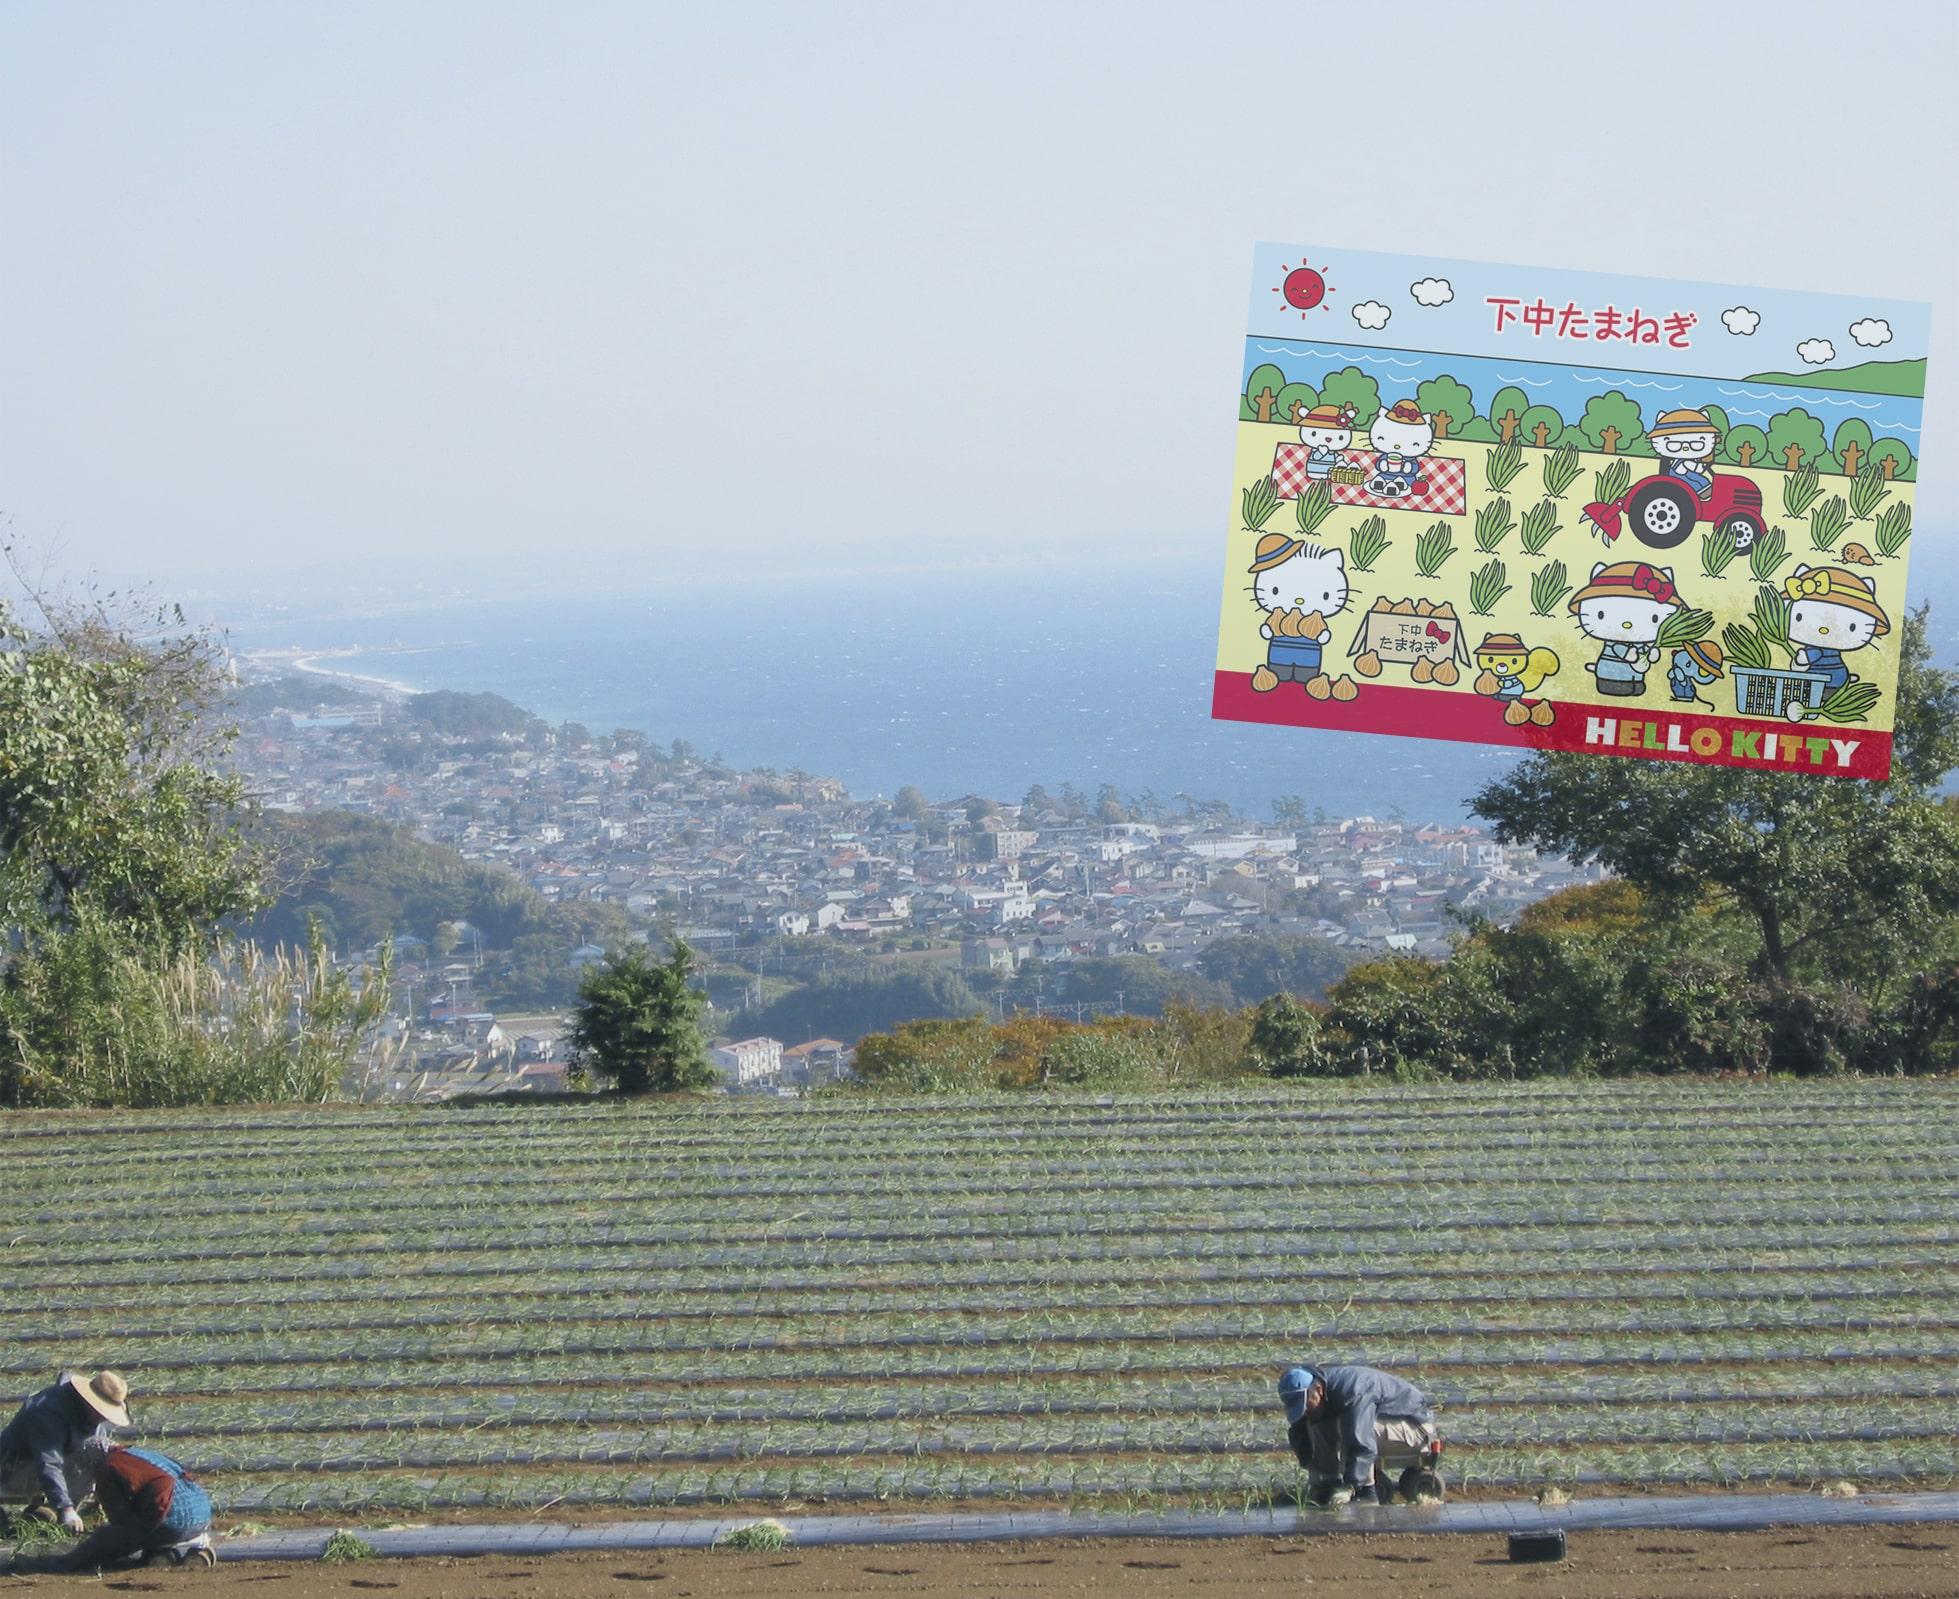 「伴走者」として。小田原市橘商工会は、常に、小規模事業者様の「伴走者」として、持続的発展のためのサポートを行っています。